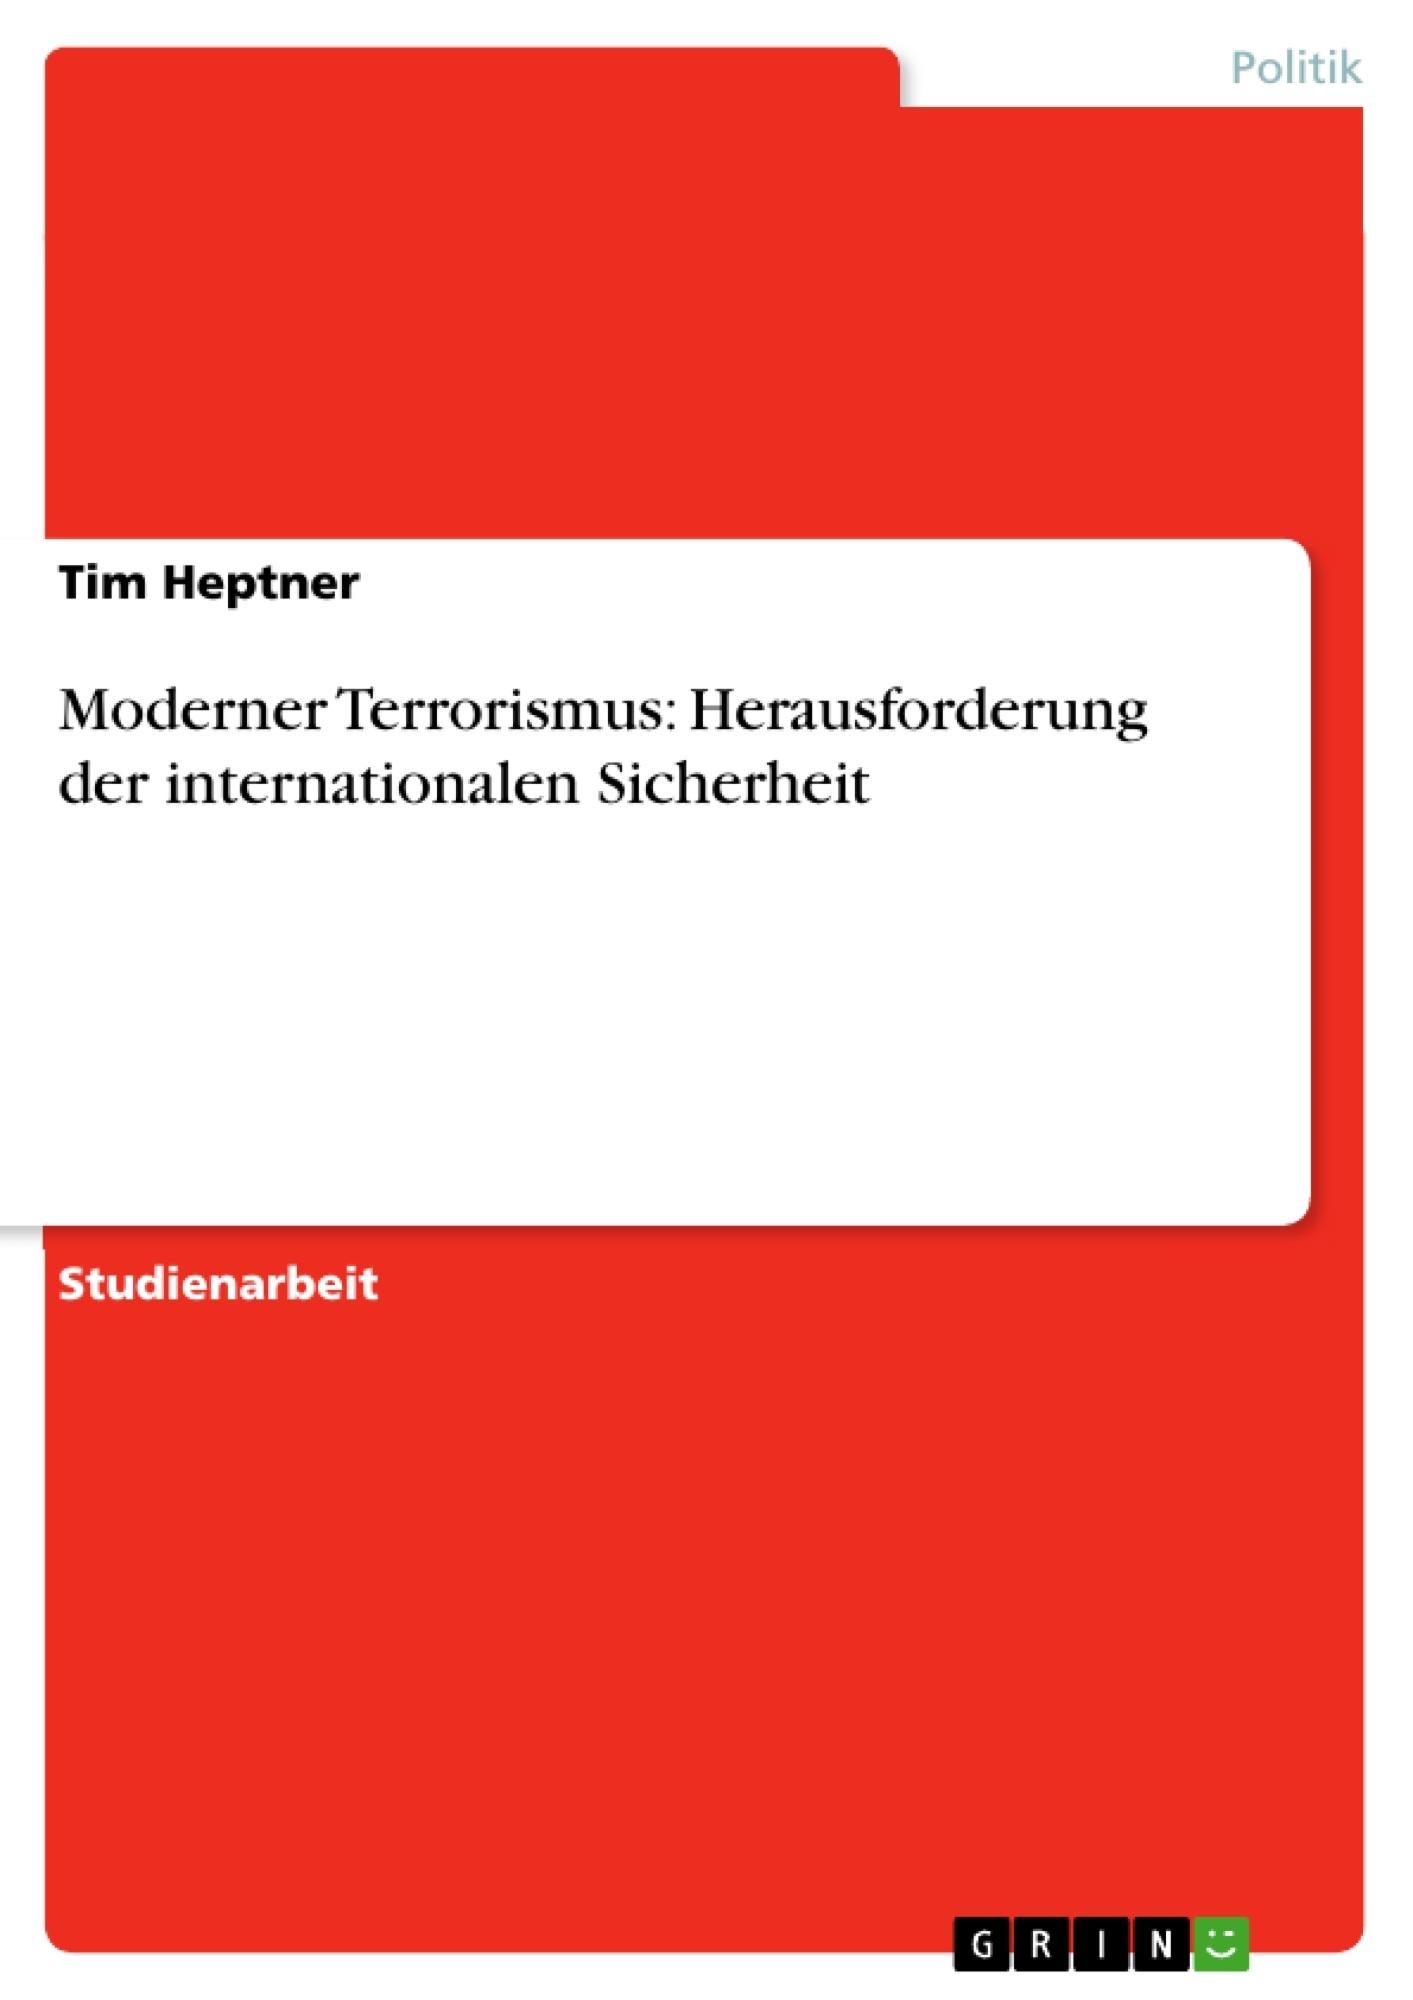 Titel: Moderner Terrorismus: Herausforderung der internationalen Sicherheit